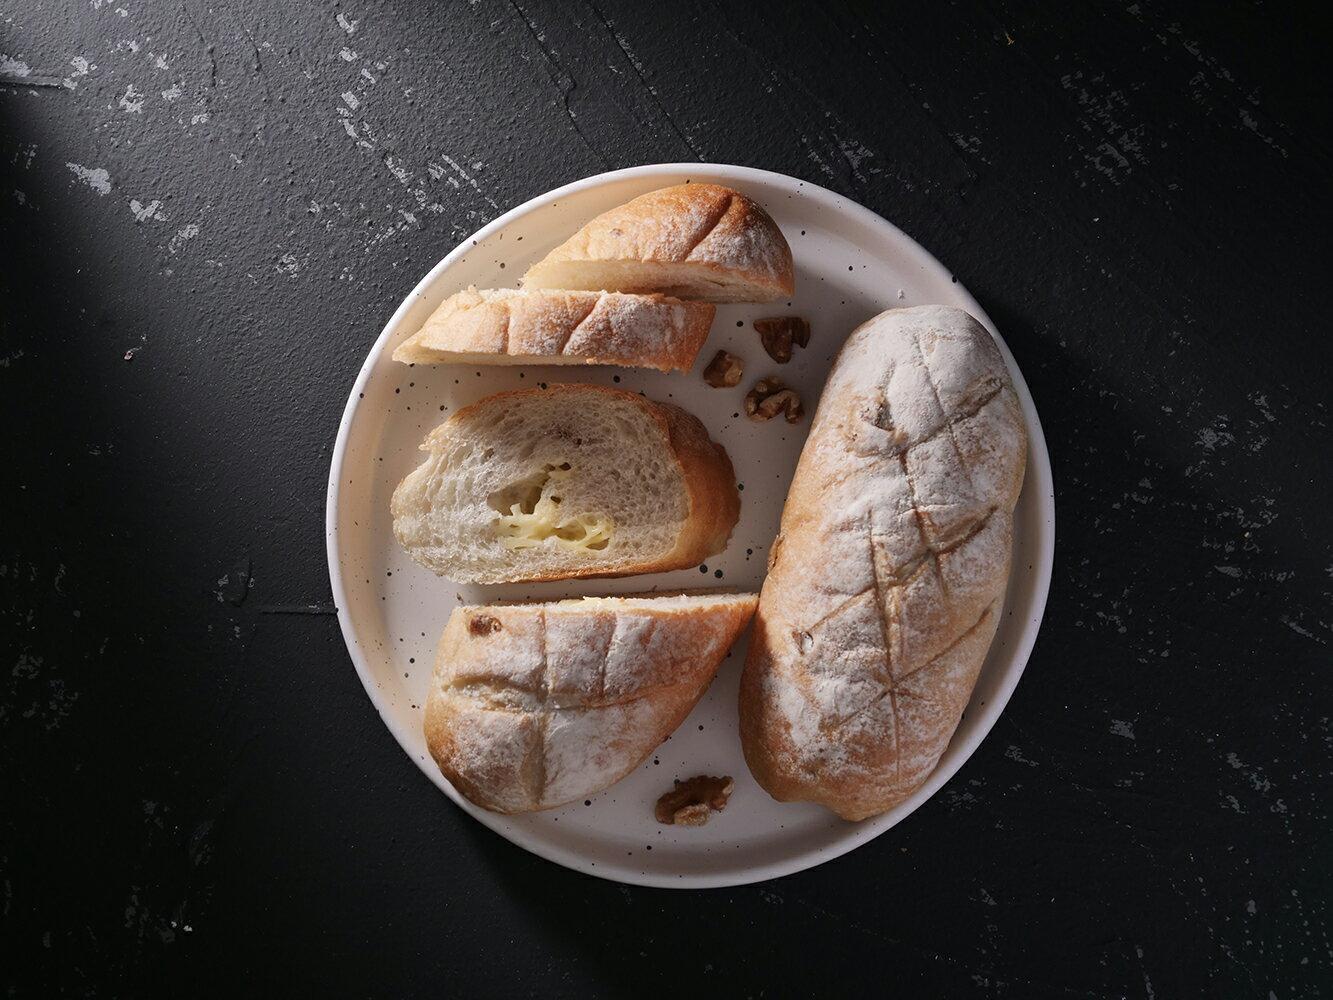 【乳酪核桃軟歐】軟歐麵包系 我們的歐包不一樣 人氣團購 部落客口碑推薦 蘋果日報報導 宅配推薦